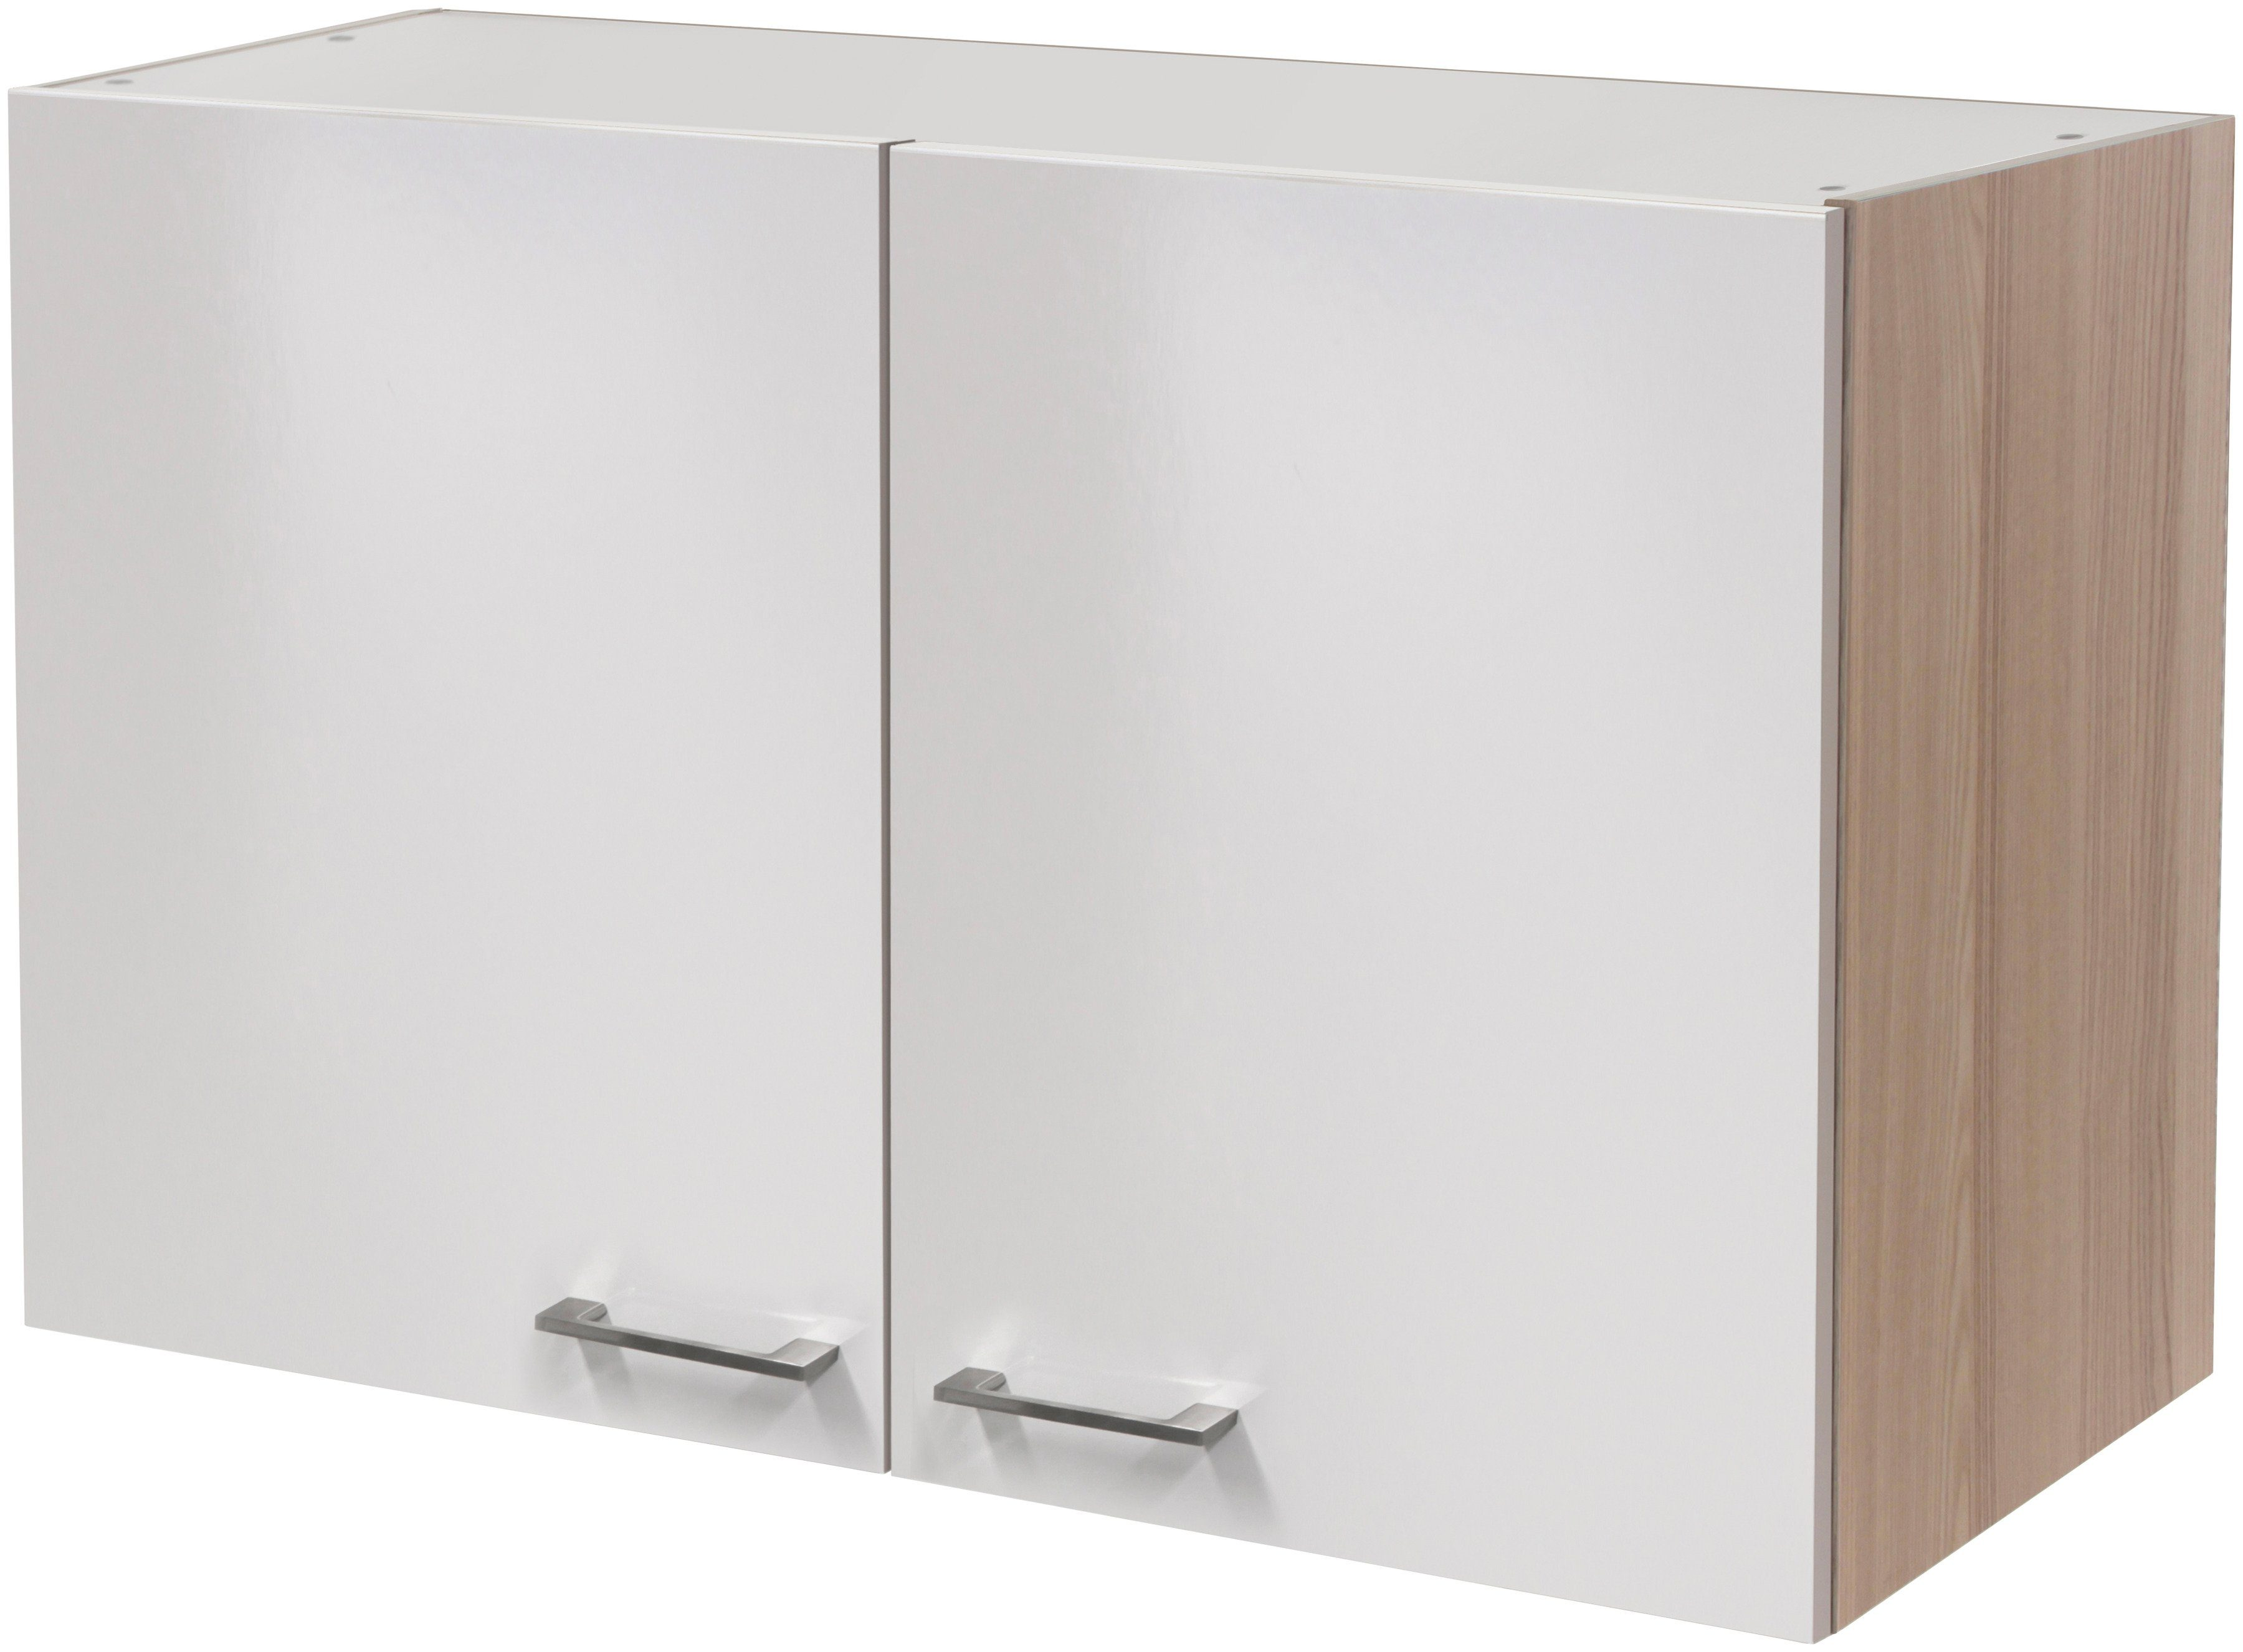 Küchenhängeschrank »Oregon«, Breite 100 cm